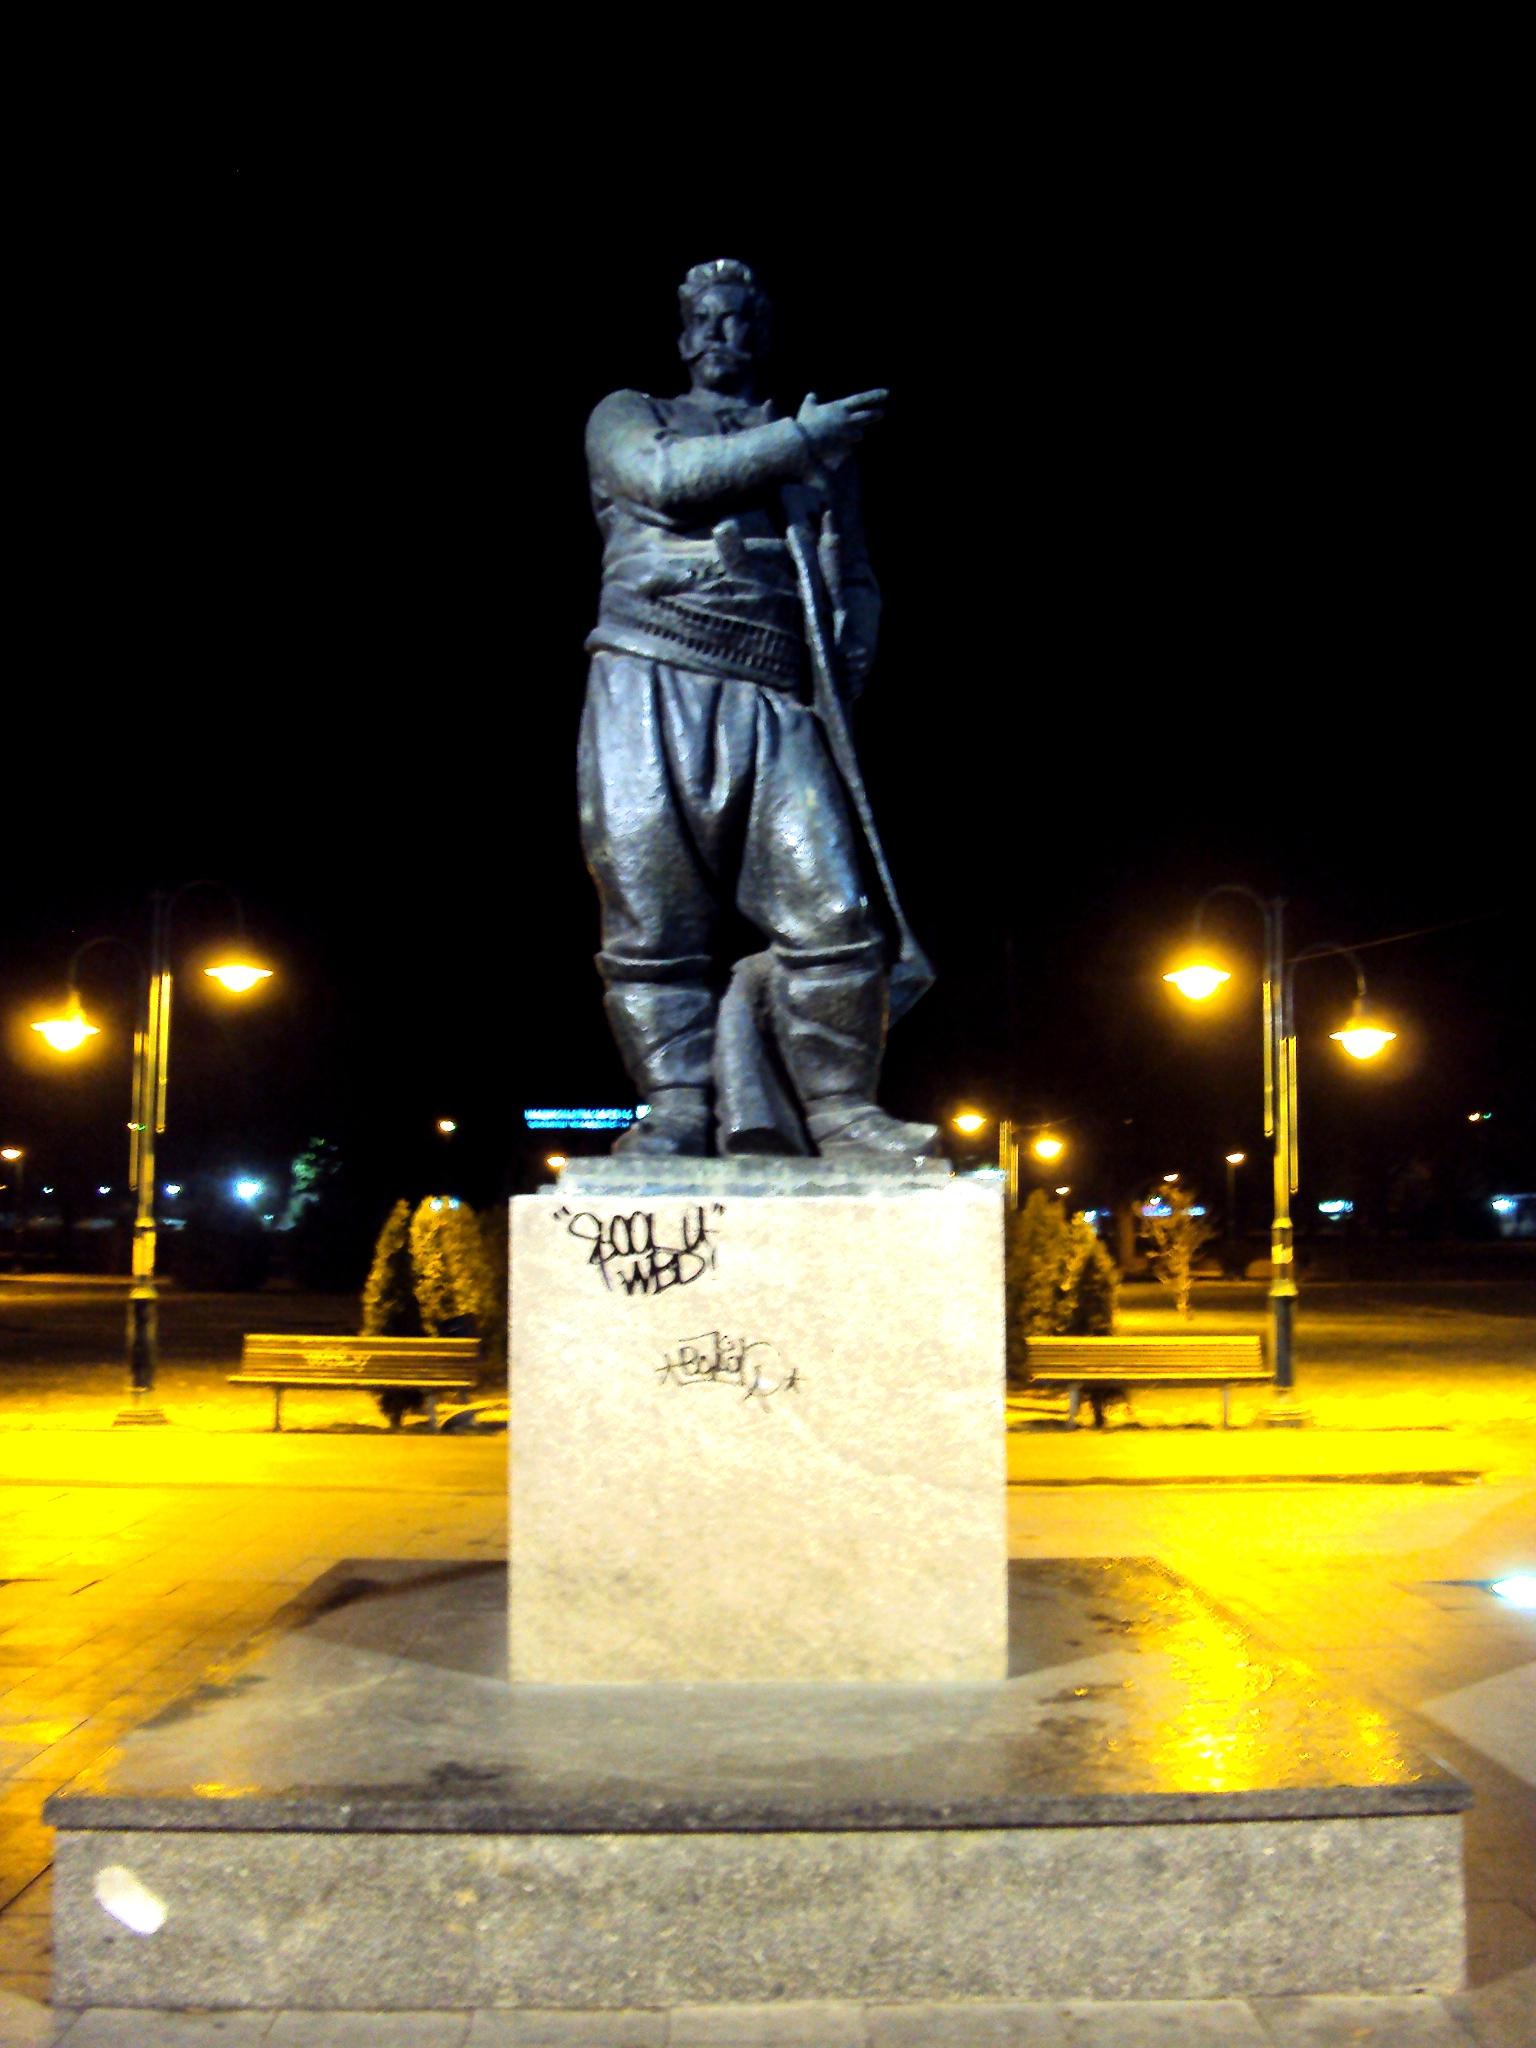 Spomenik Goce Delcev Skopje By Tihobo On Deviantart